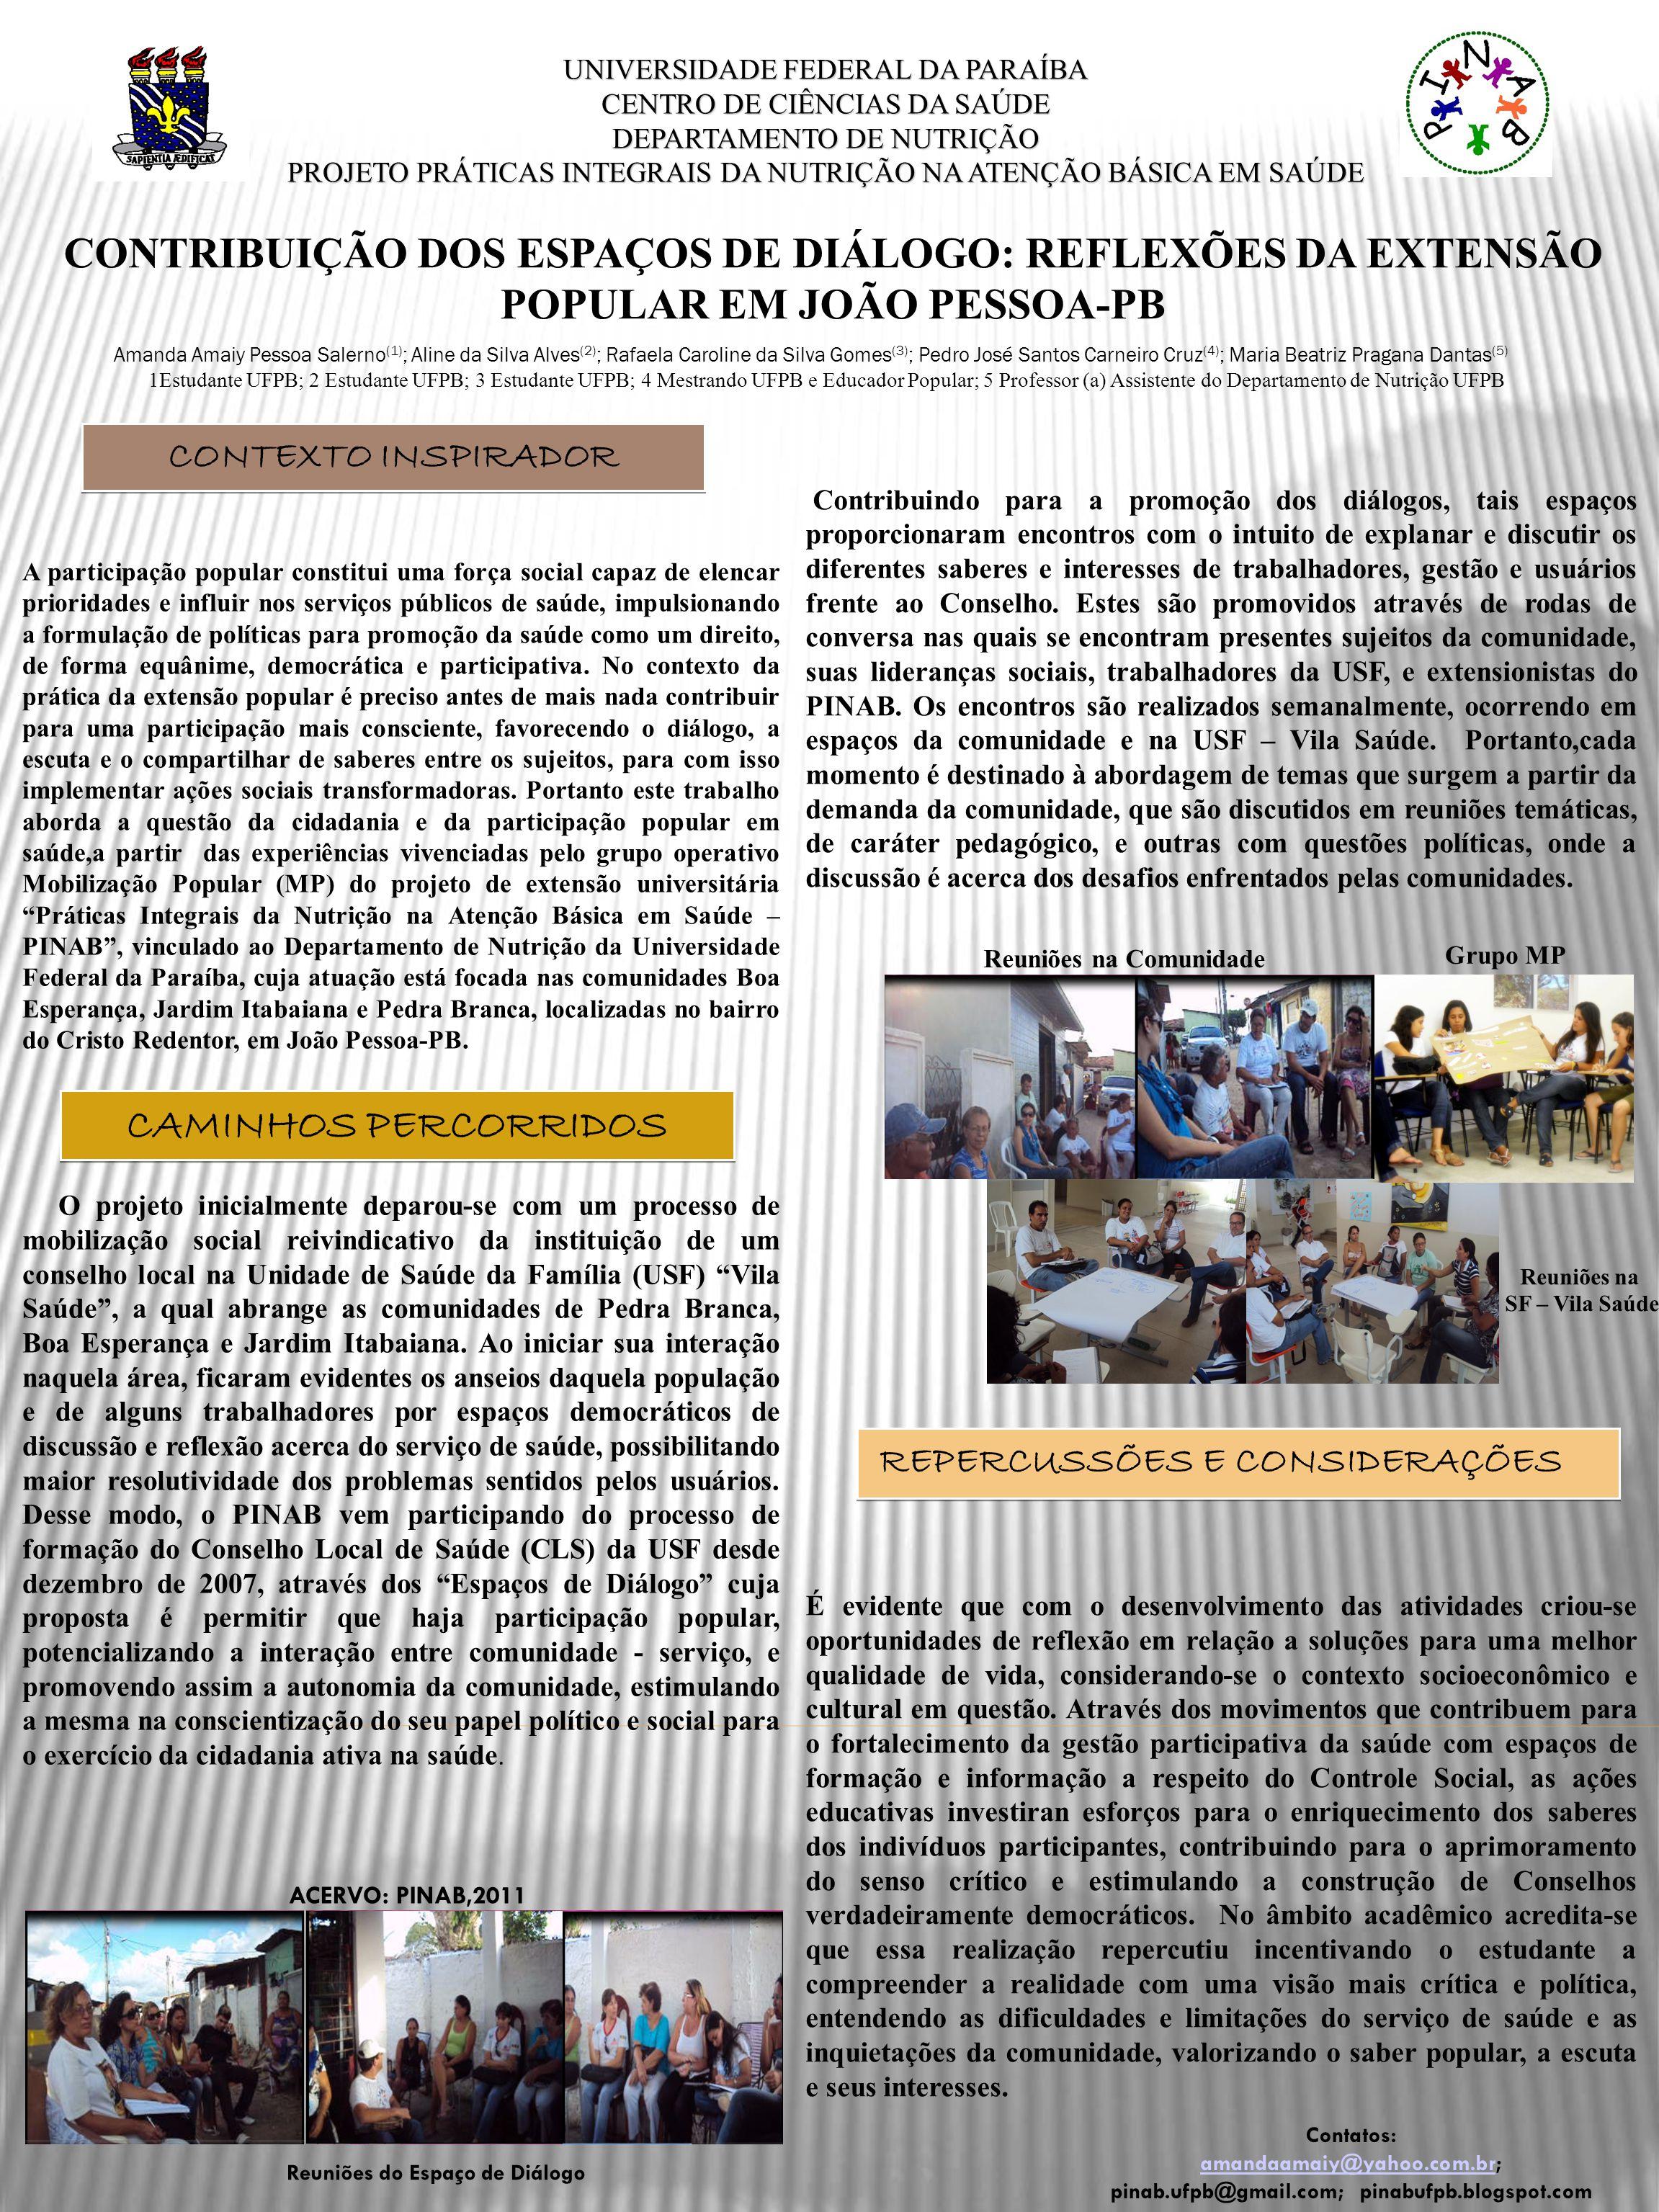 UNIVERSIDADE FEDERAL DA PARAÍBA CENTRO DE CIÊNCIAS DA SAÚDE DEPARTAMENTO DE NUTRIÇÃO PROJETO PRÁTICAS INTEGRAIS DA NUTRIÇÃO NA ATENÇÃO BÁSICA EM SAÚDE CONTRIBUIÇÃO DOS ESPAÇOS DE DIÁLOGO: REFLEXÕES DA EXTENSÃO POPULAR EM JOÃO PESSOA-PB Amanda Amaiy Pessoa Salerno (1) ; Aline da Silva Alves (2) ; Rafaela Caroline da Silva Gomes (3) ; Pedro José Santos Carneiro Cruz (4) ; Maria Beatriz Pragana Dantas (5) 1Estudante UFPB; 2 Estudante UFPB; 3 Estudante UFPB; 4 Mestrando UFPB e Educador Popular; 5 Professor (a) Assistente do Departamento de Nutrição UFPB A participação popular constitui uma força social capaz de elencar prioridades e influir nos serviços públicos de saúde, impulsionando a formulação de políticas para promoção da saúde como um direito, de forma equânime, democrática e participativa.